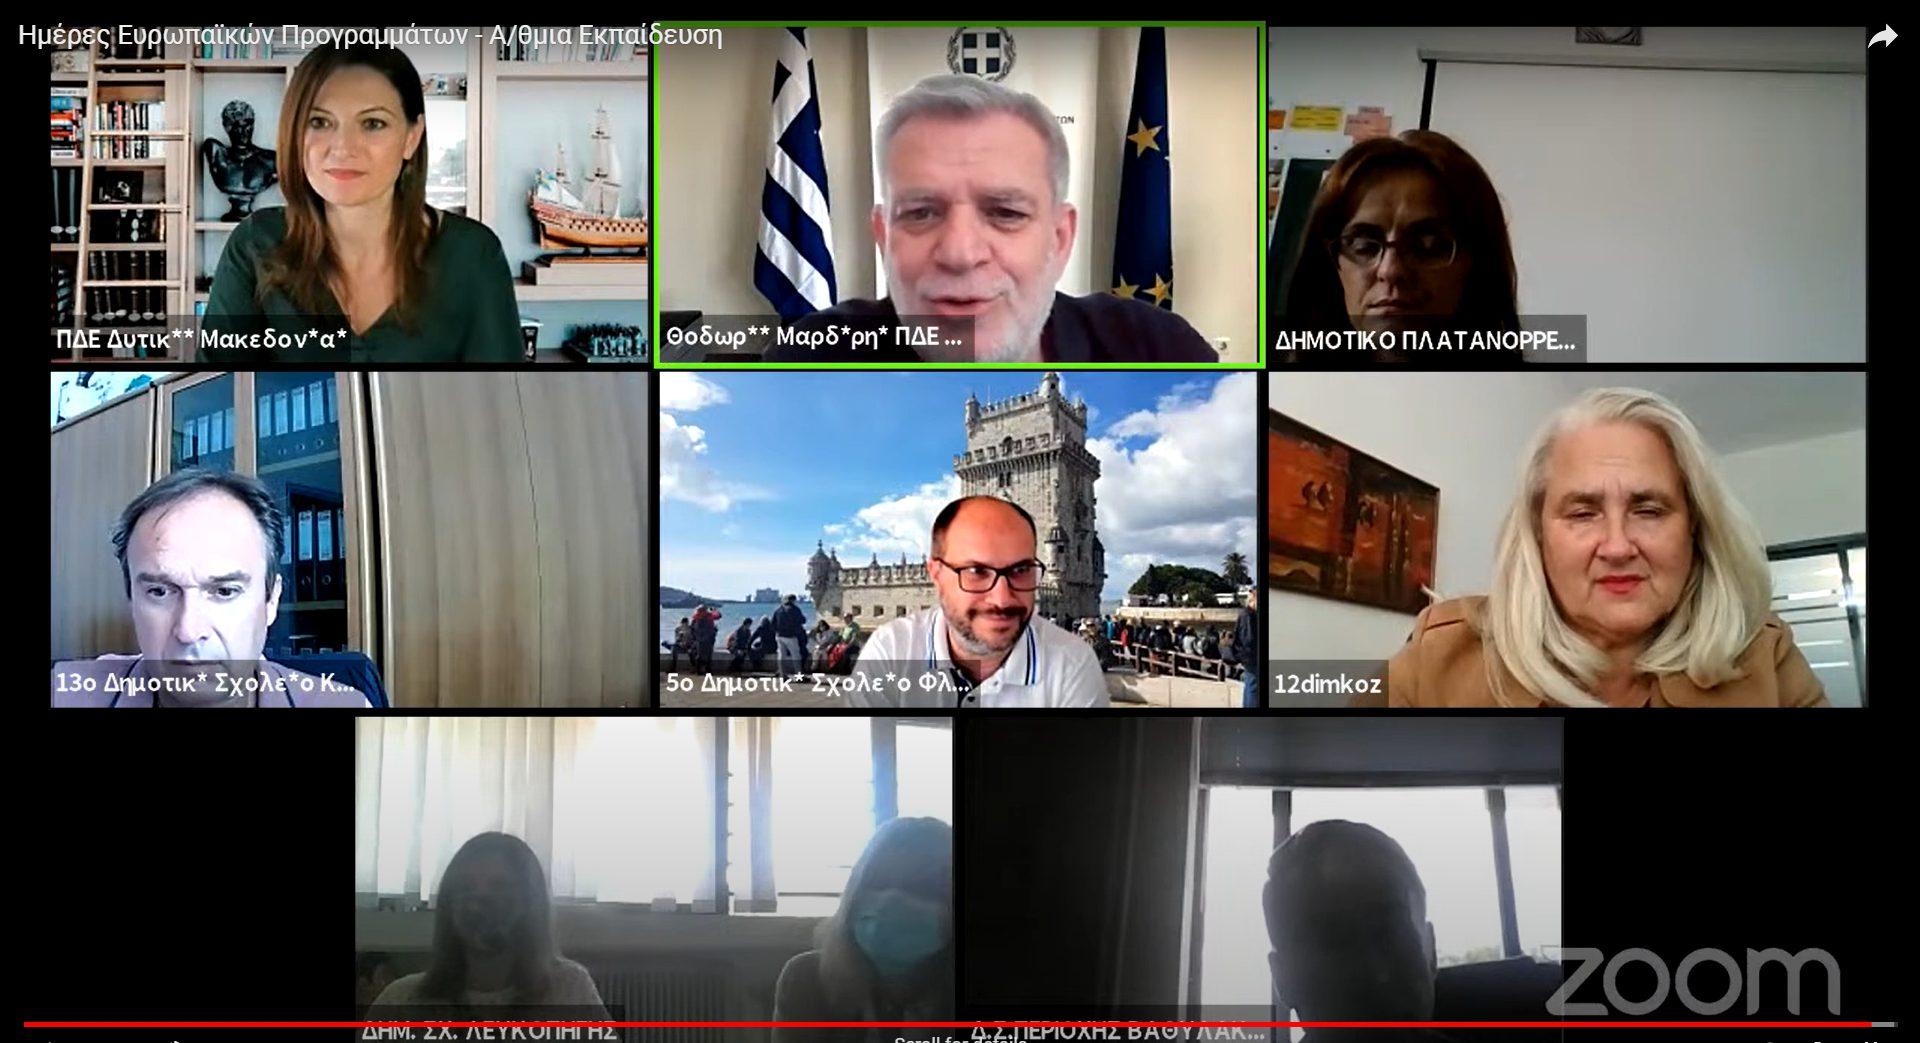 Διαδικτυακή εκδήλωση με θέμα: «Ημέρες Ευρωπαϊκών Προγραμμάτων στην Α/θμια Εκπαίδευση Δυτικής Μακεδονίας»